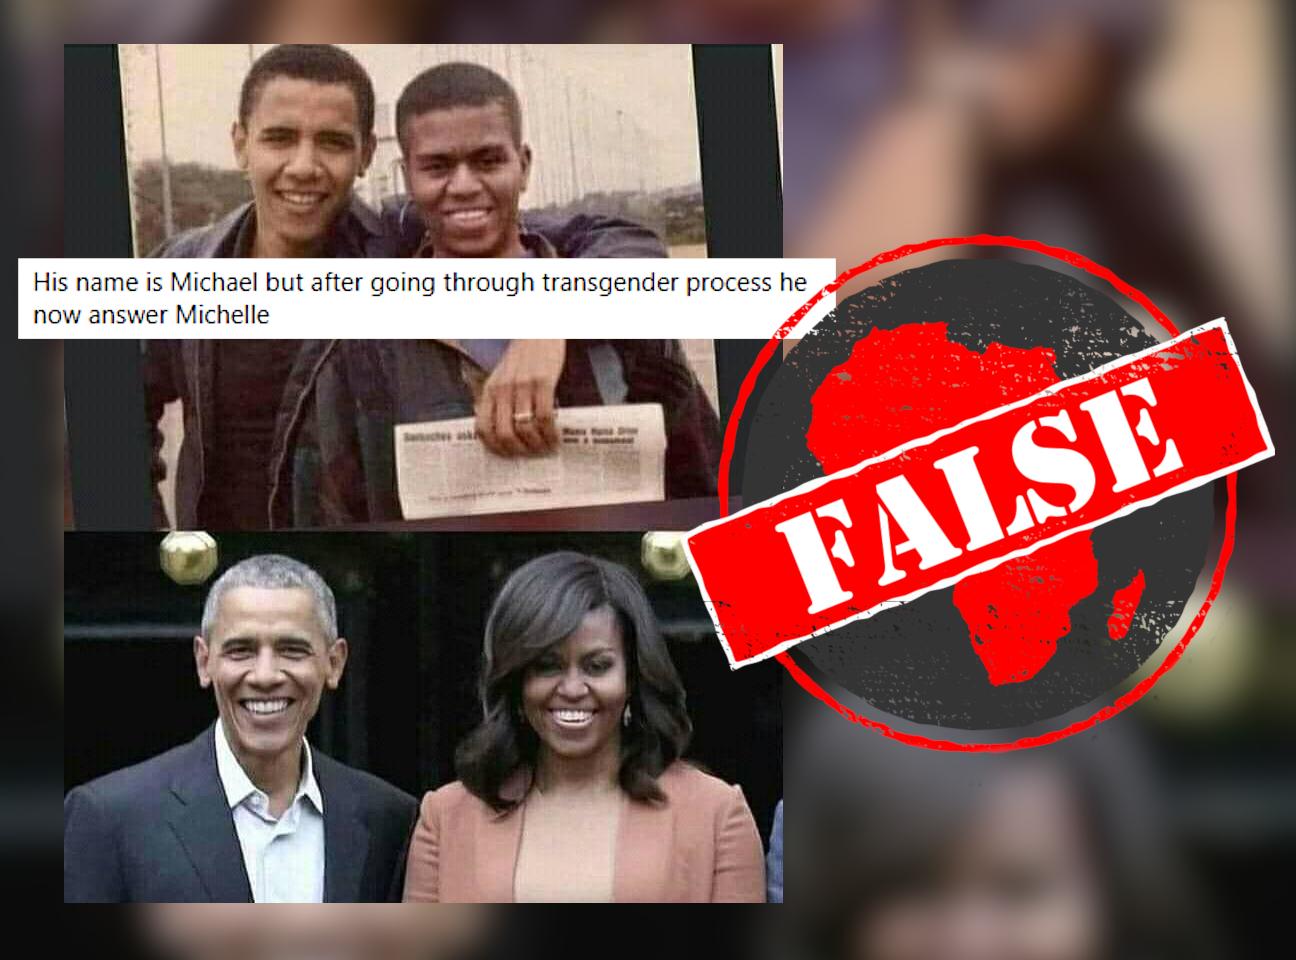 michelle_false